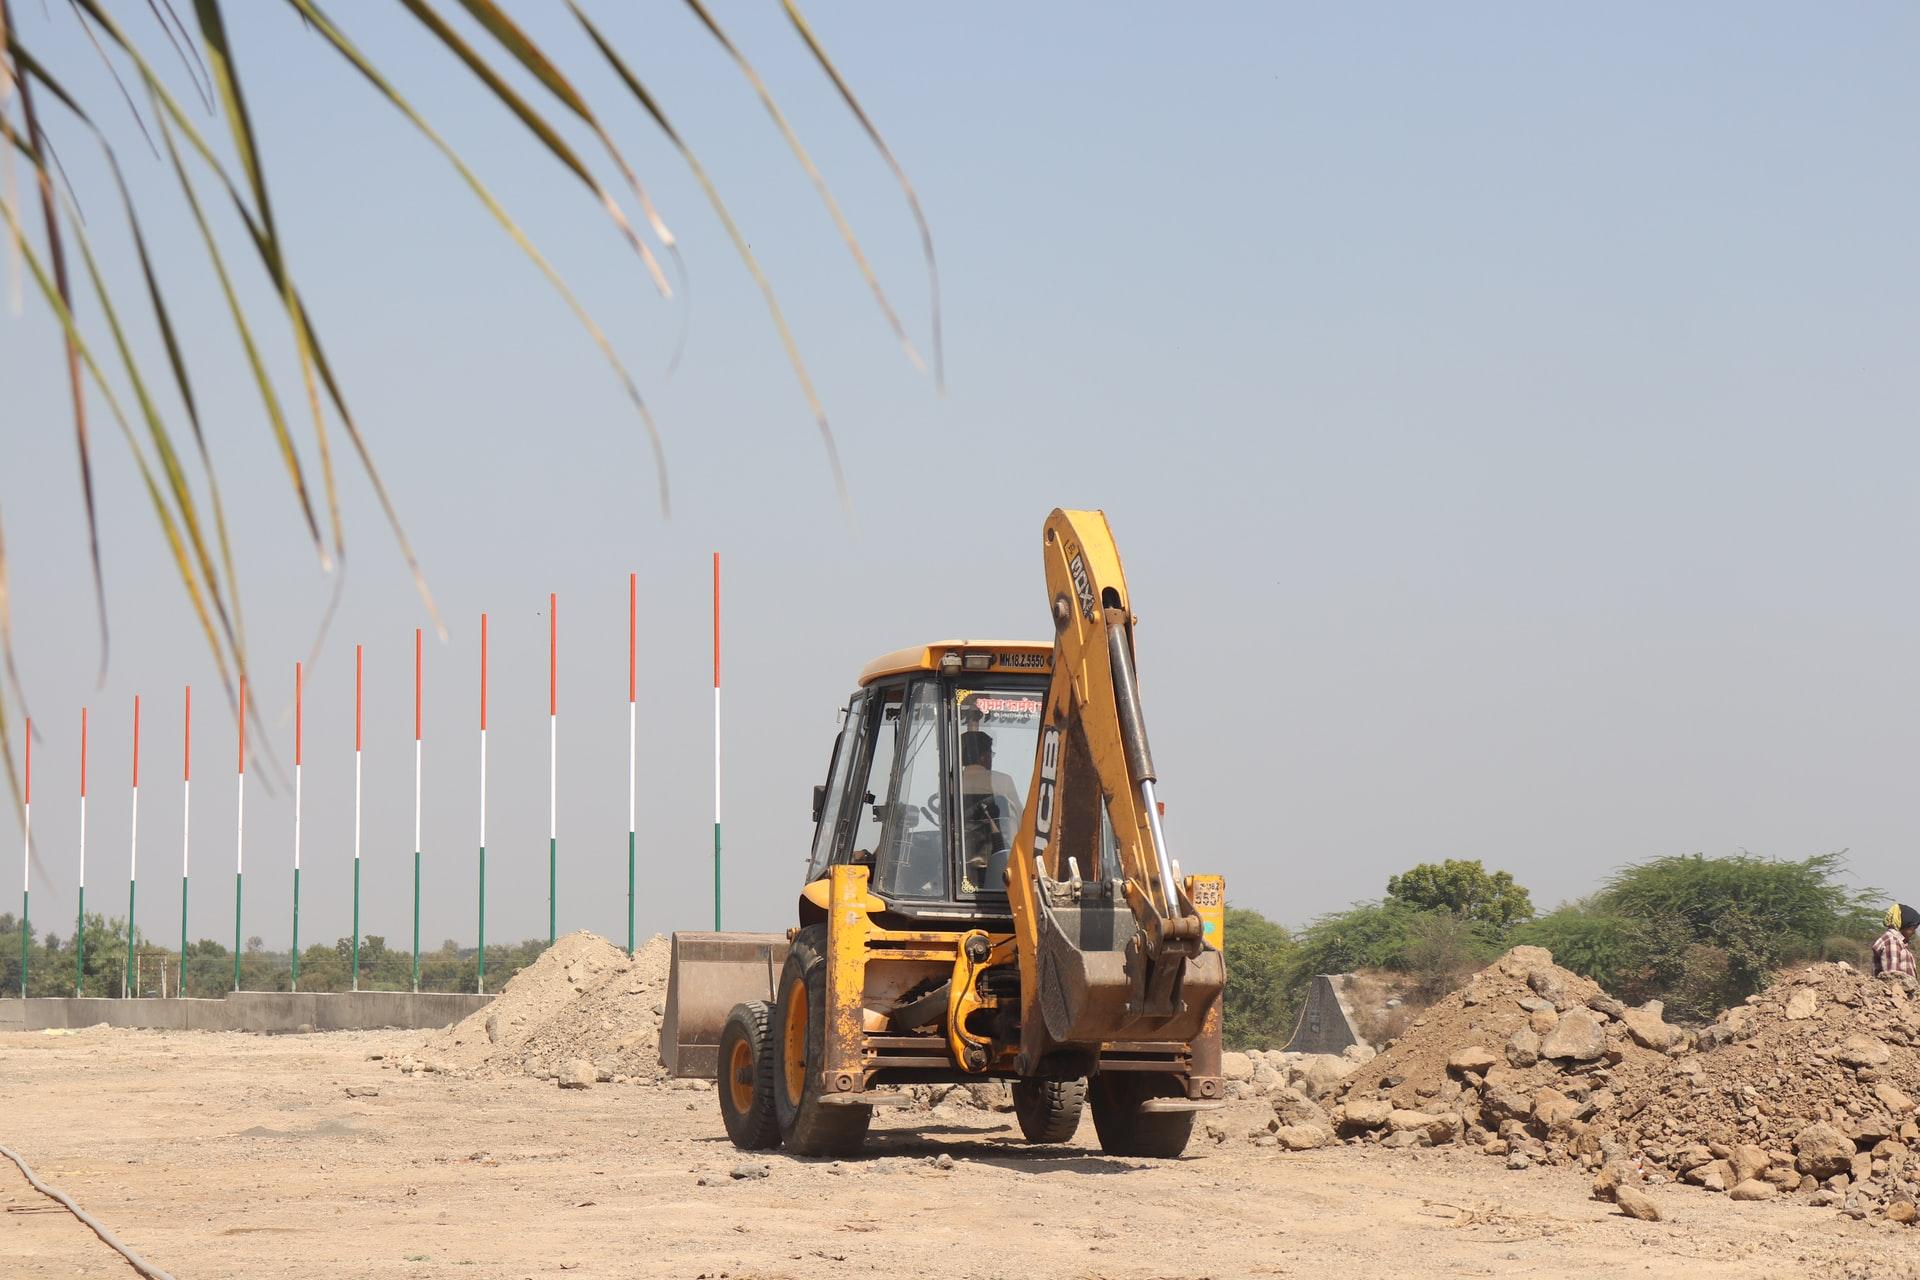 Gradonačelnik objavio video u kojem je otkrio aferu: Grad otkupio poljoprivredno zemljište po cijeni građevinskog